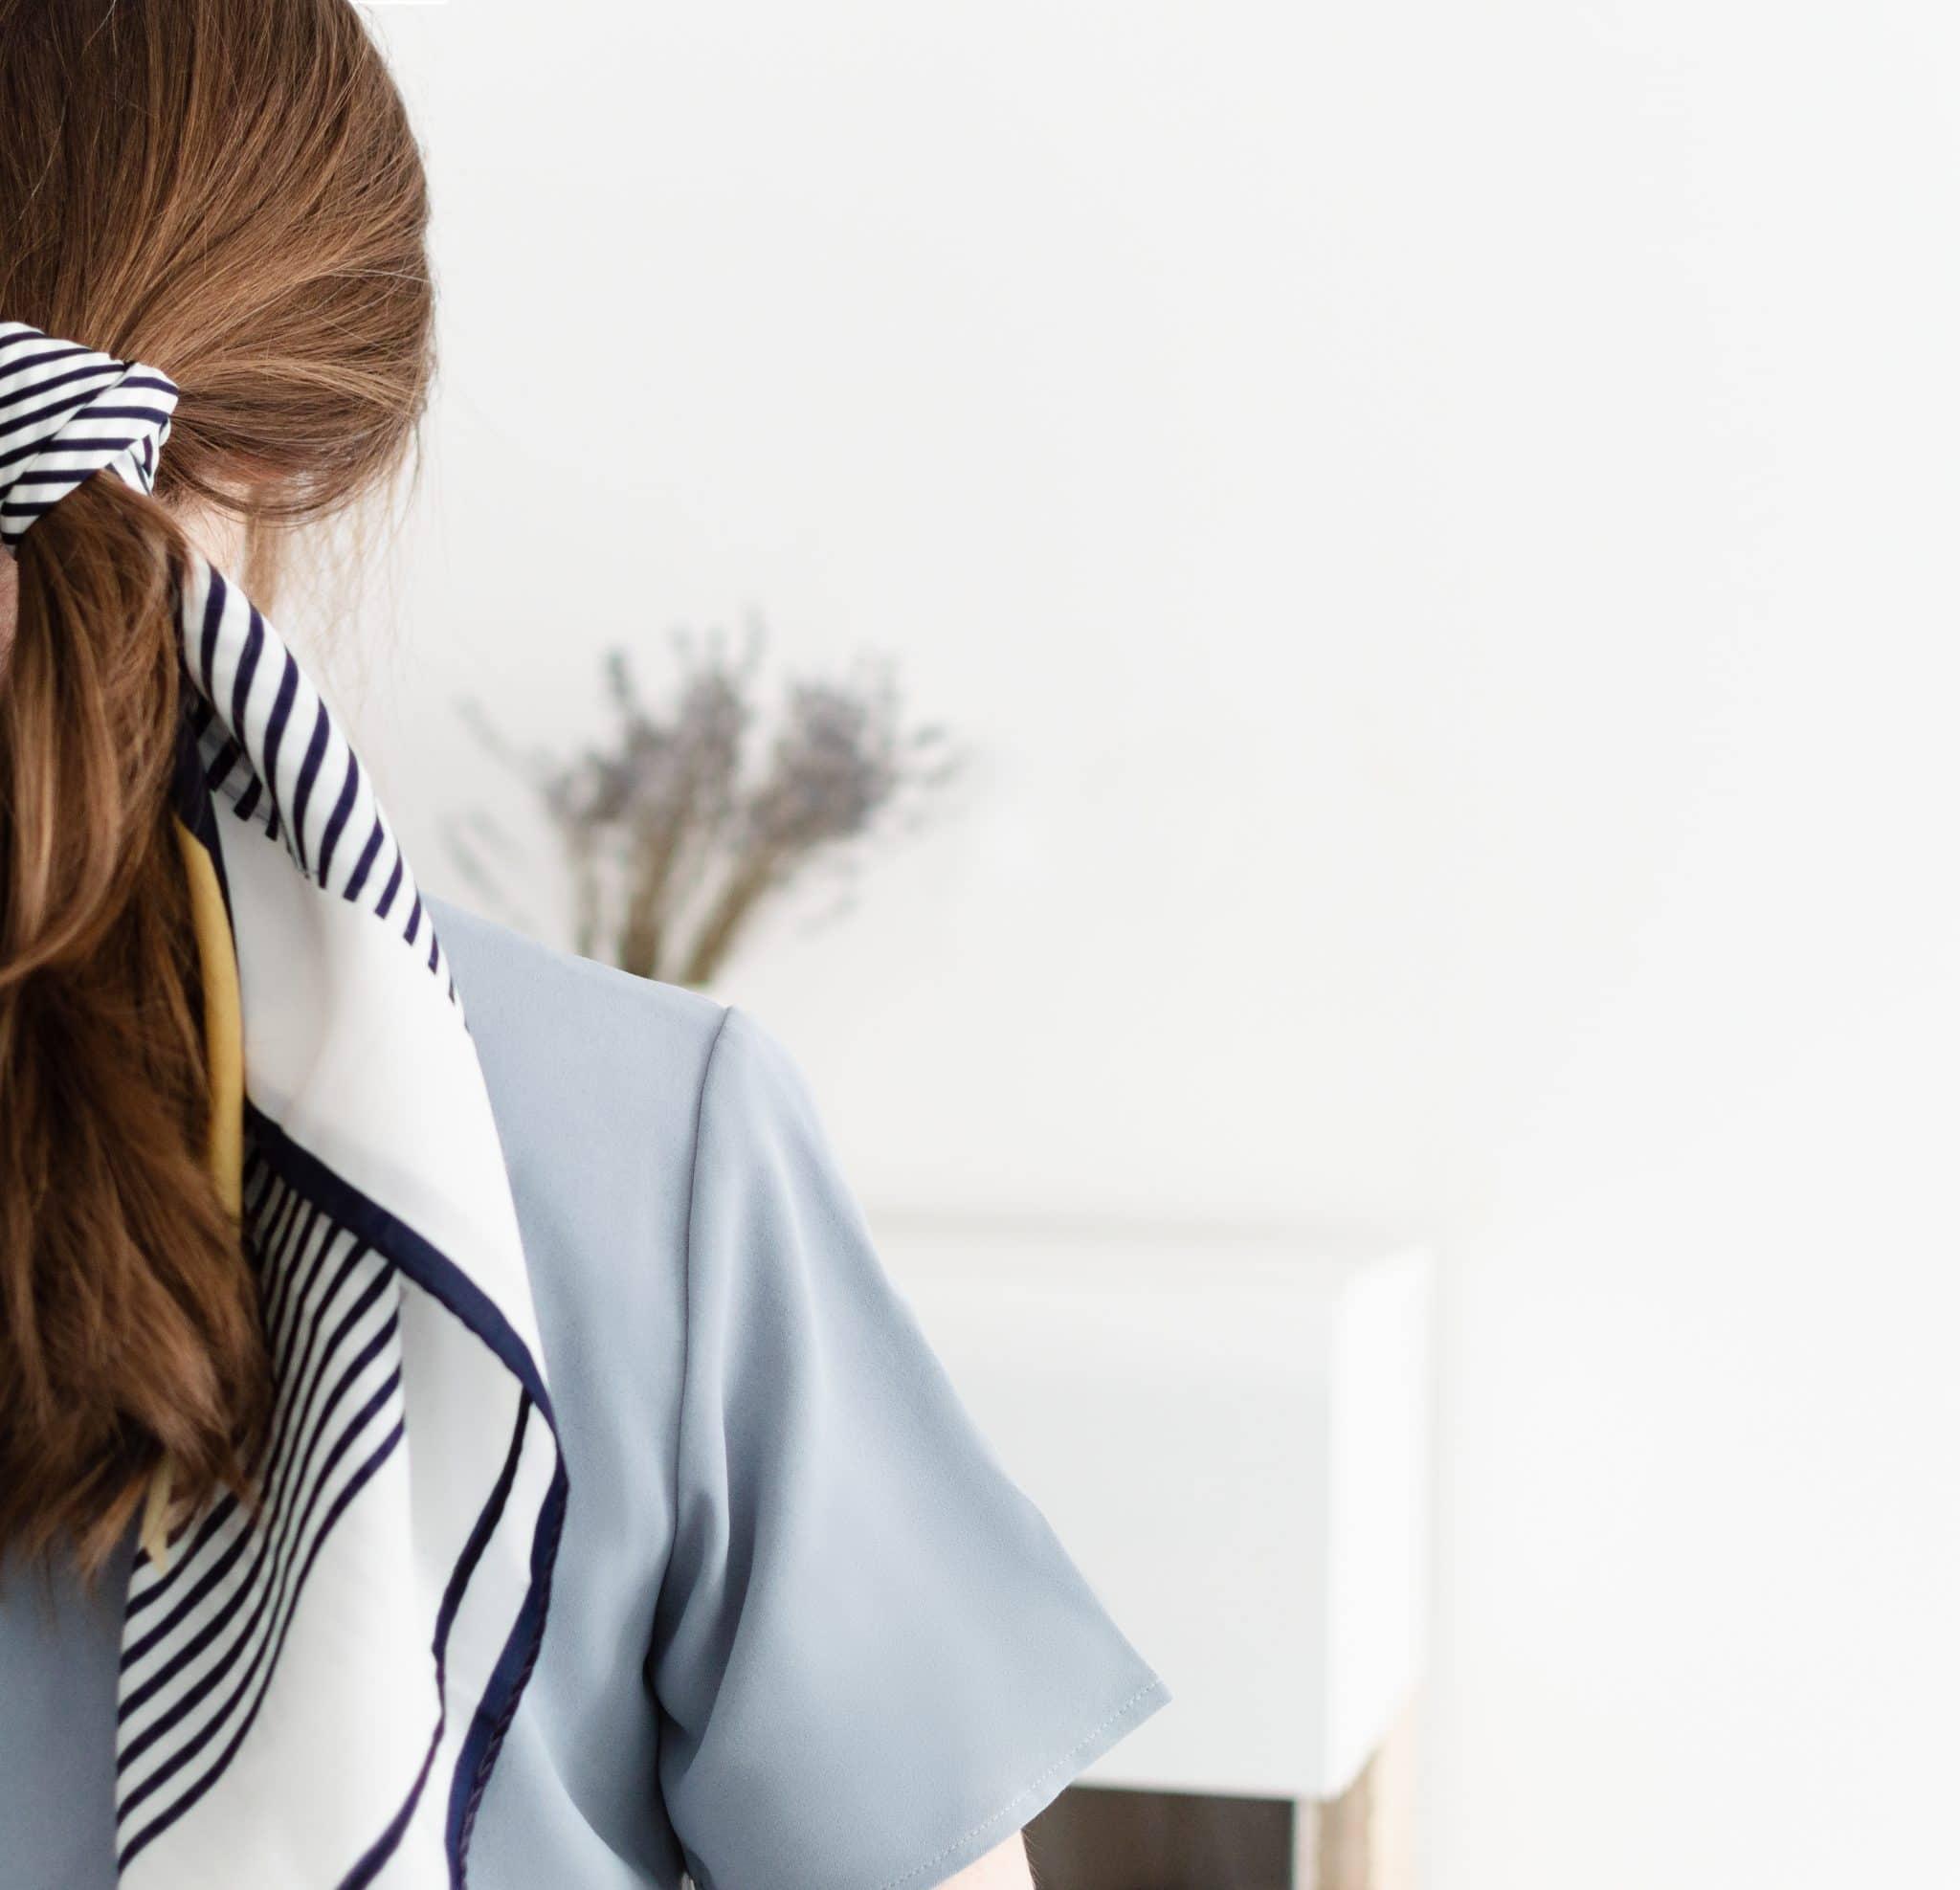 Les chouchous foulard : la tendance cheveux à adopter cet été